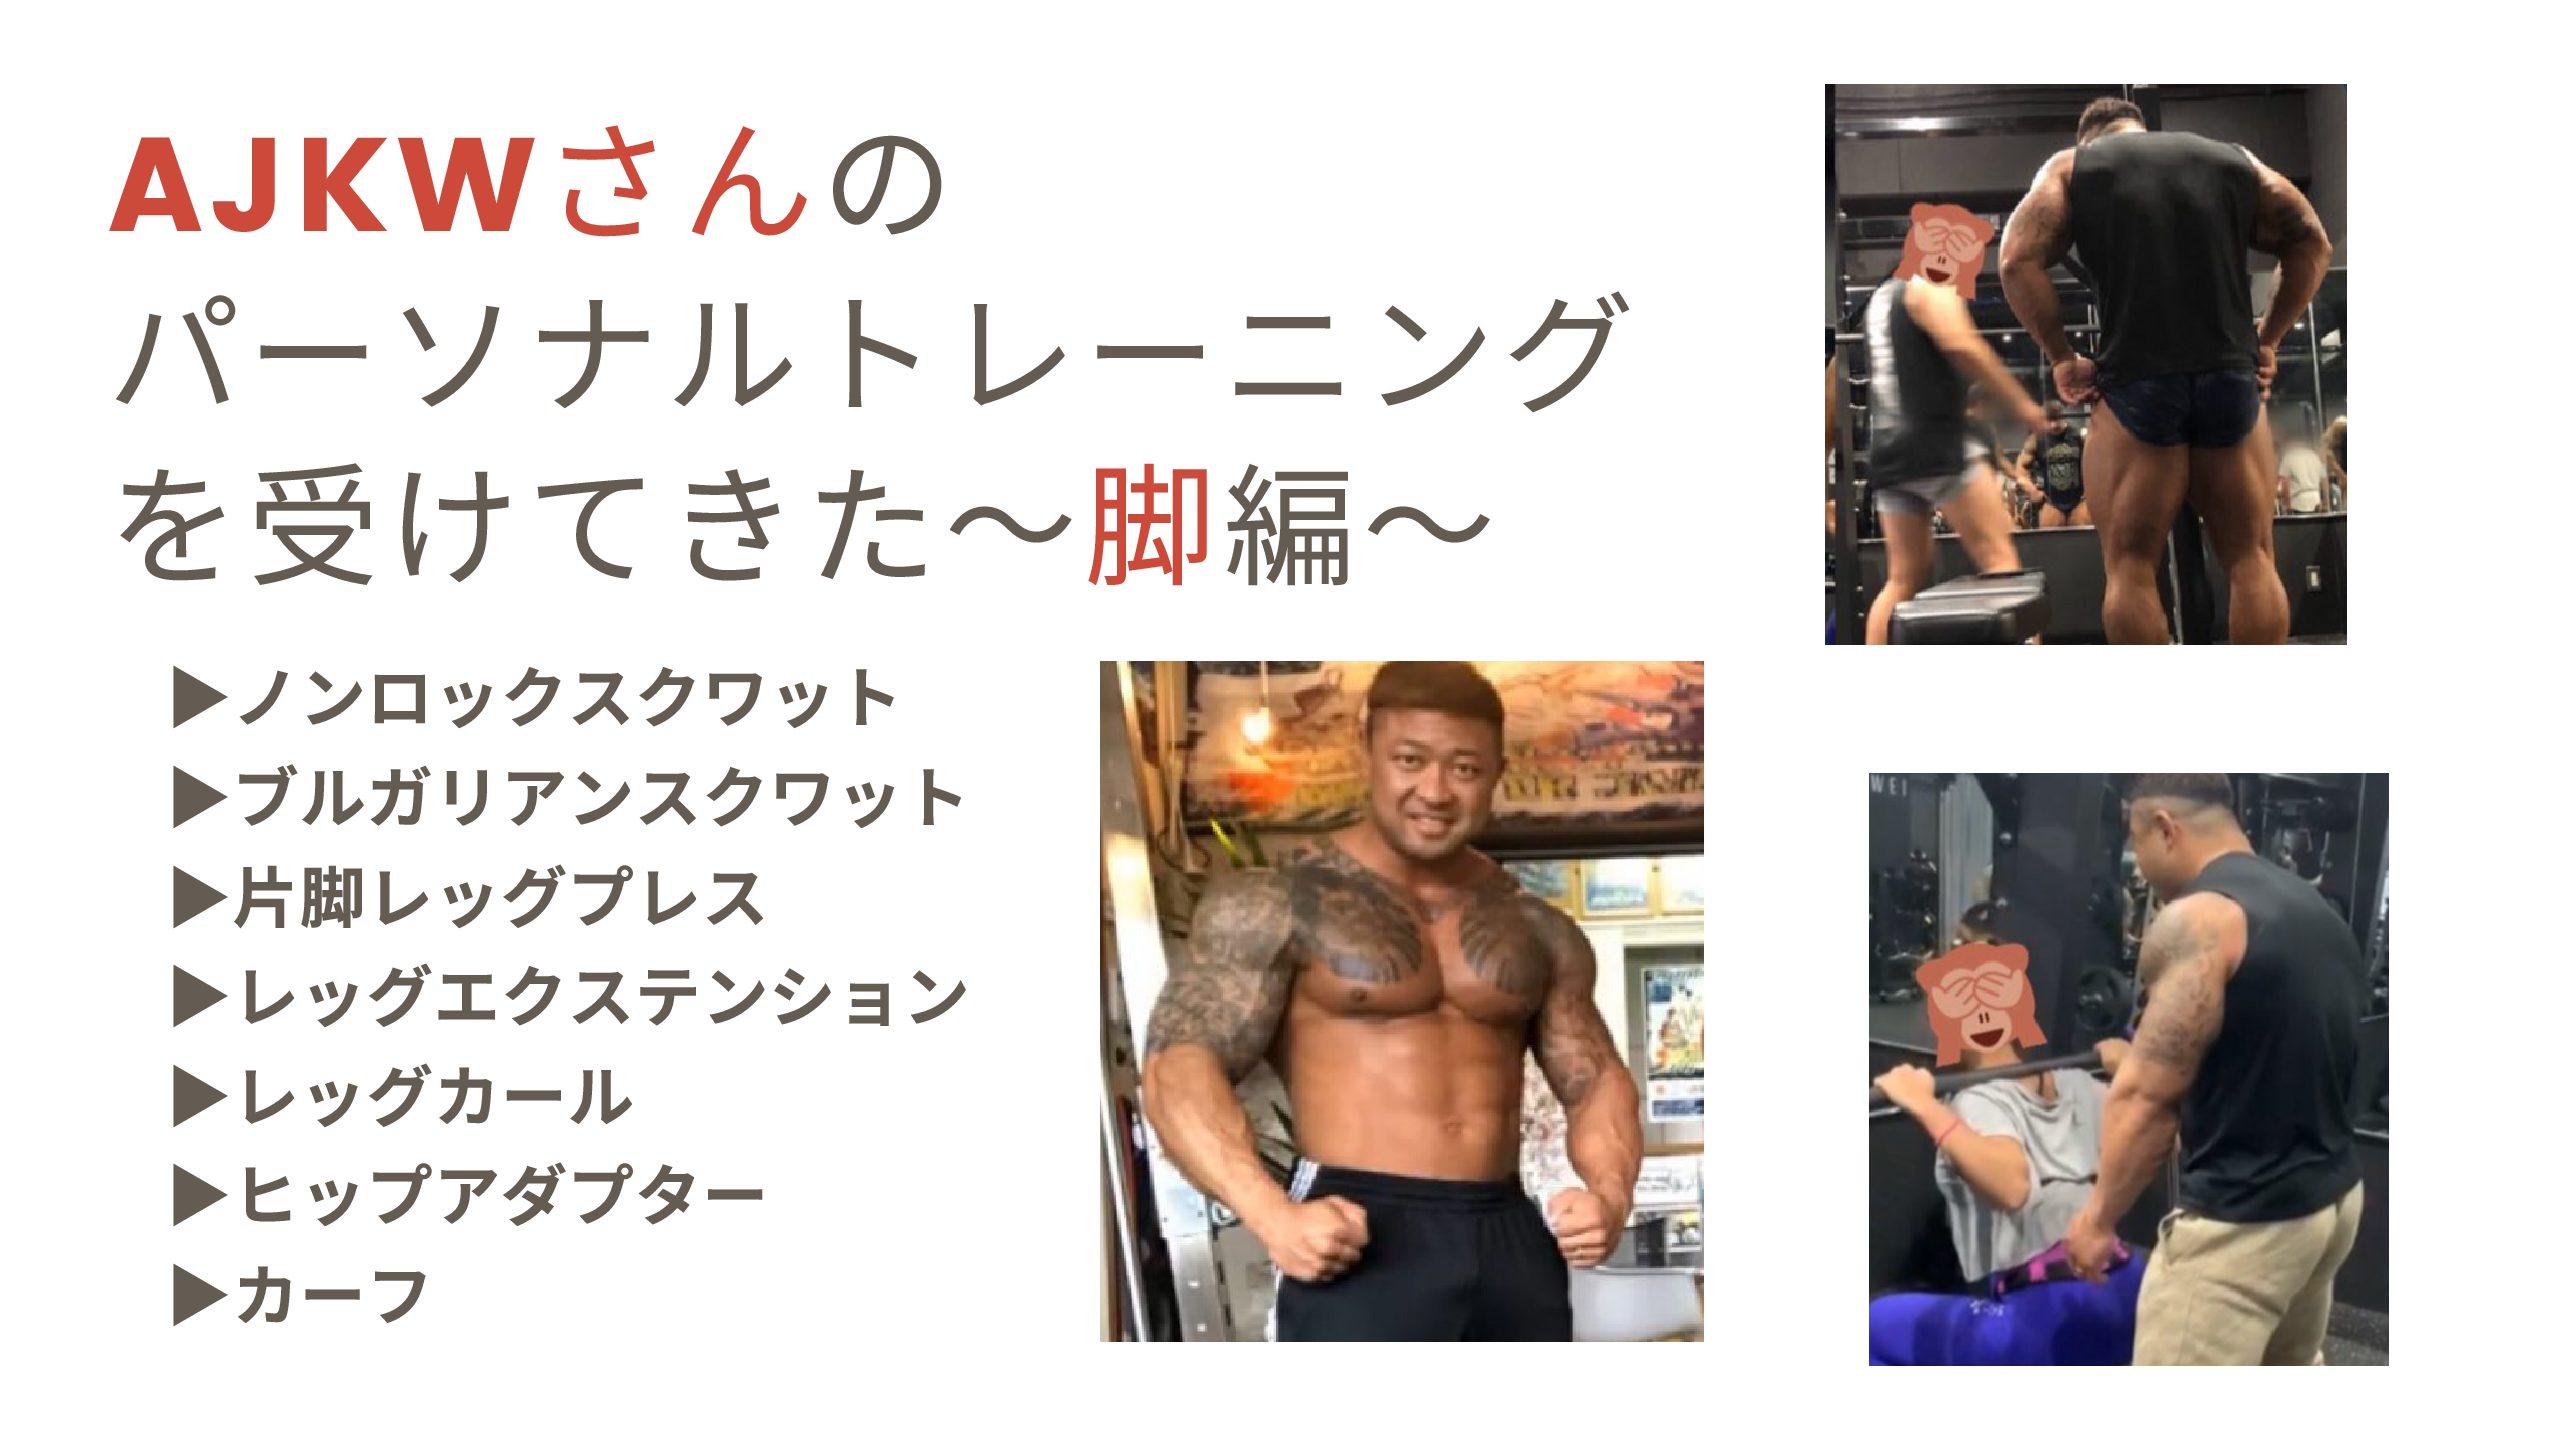 【モンスタージャパン】AJKWさんのパーソナルトレーニングを受けてきた(脚編)